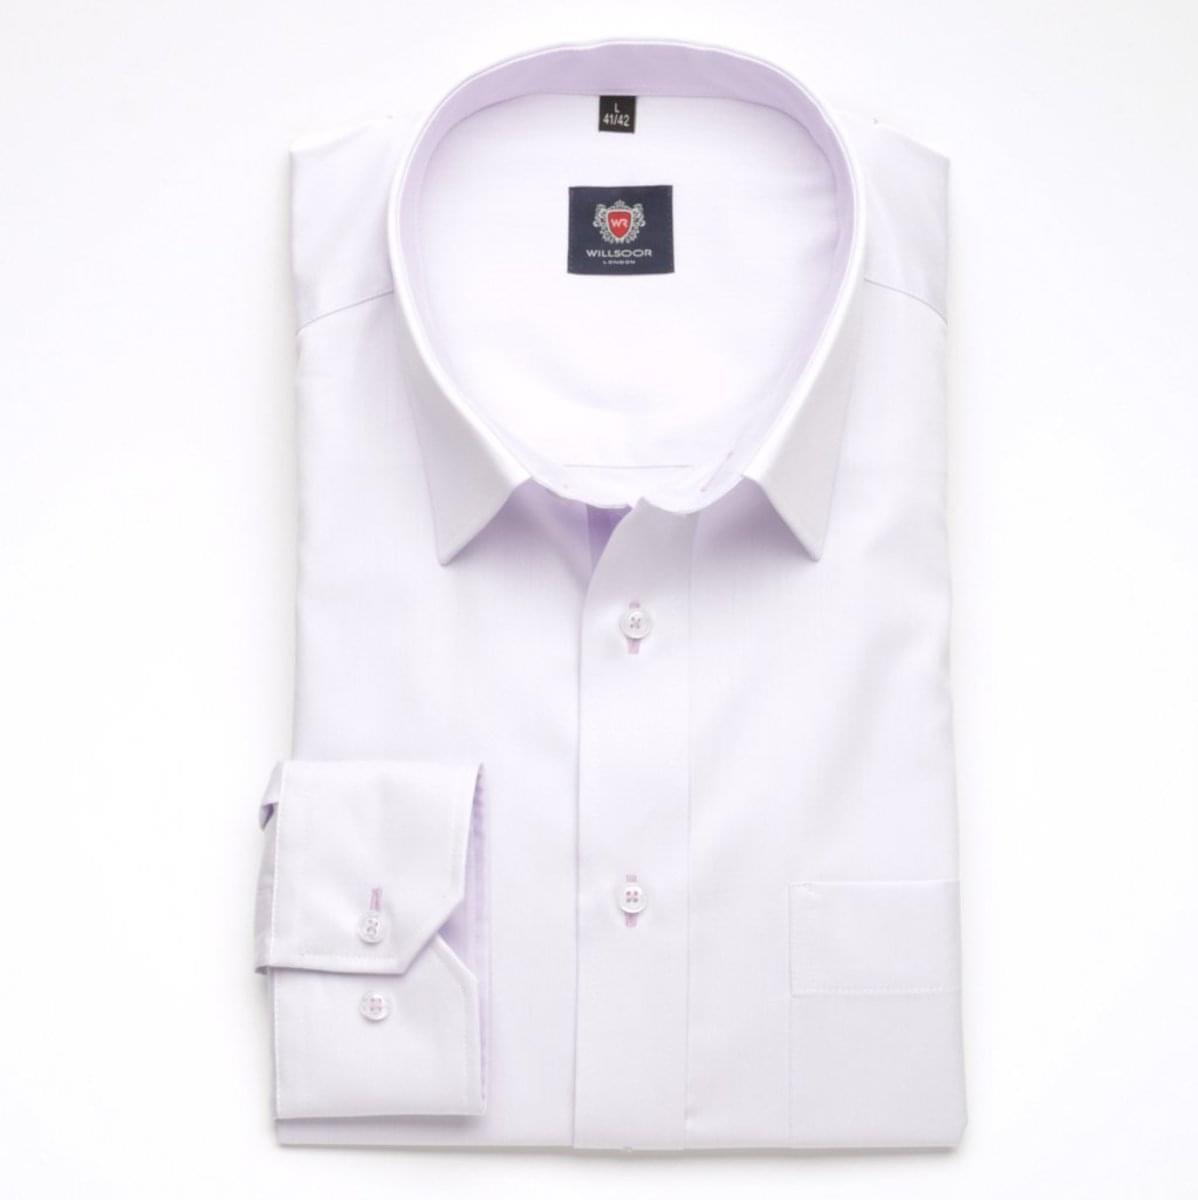 Pánská klasická košile London (výška 188-194) 5951 ve fialkové barvě s formulí Easy Care 188-194 / XL (43/44)